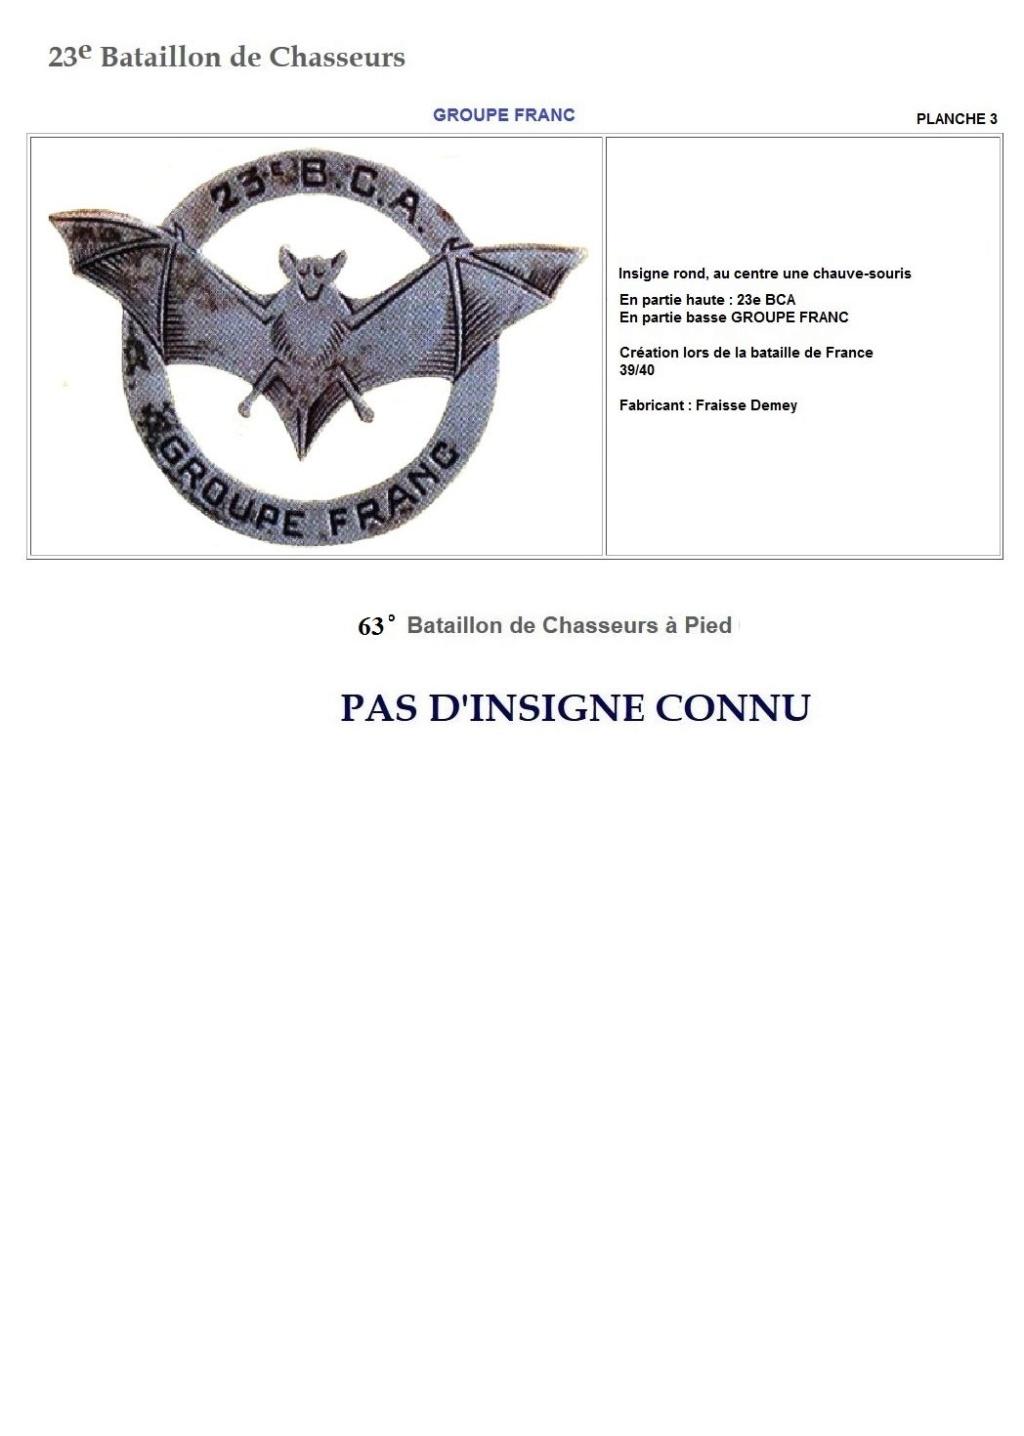 Les insignes de bataillons- Mise à jour... - Page 2 23e_pl13